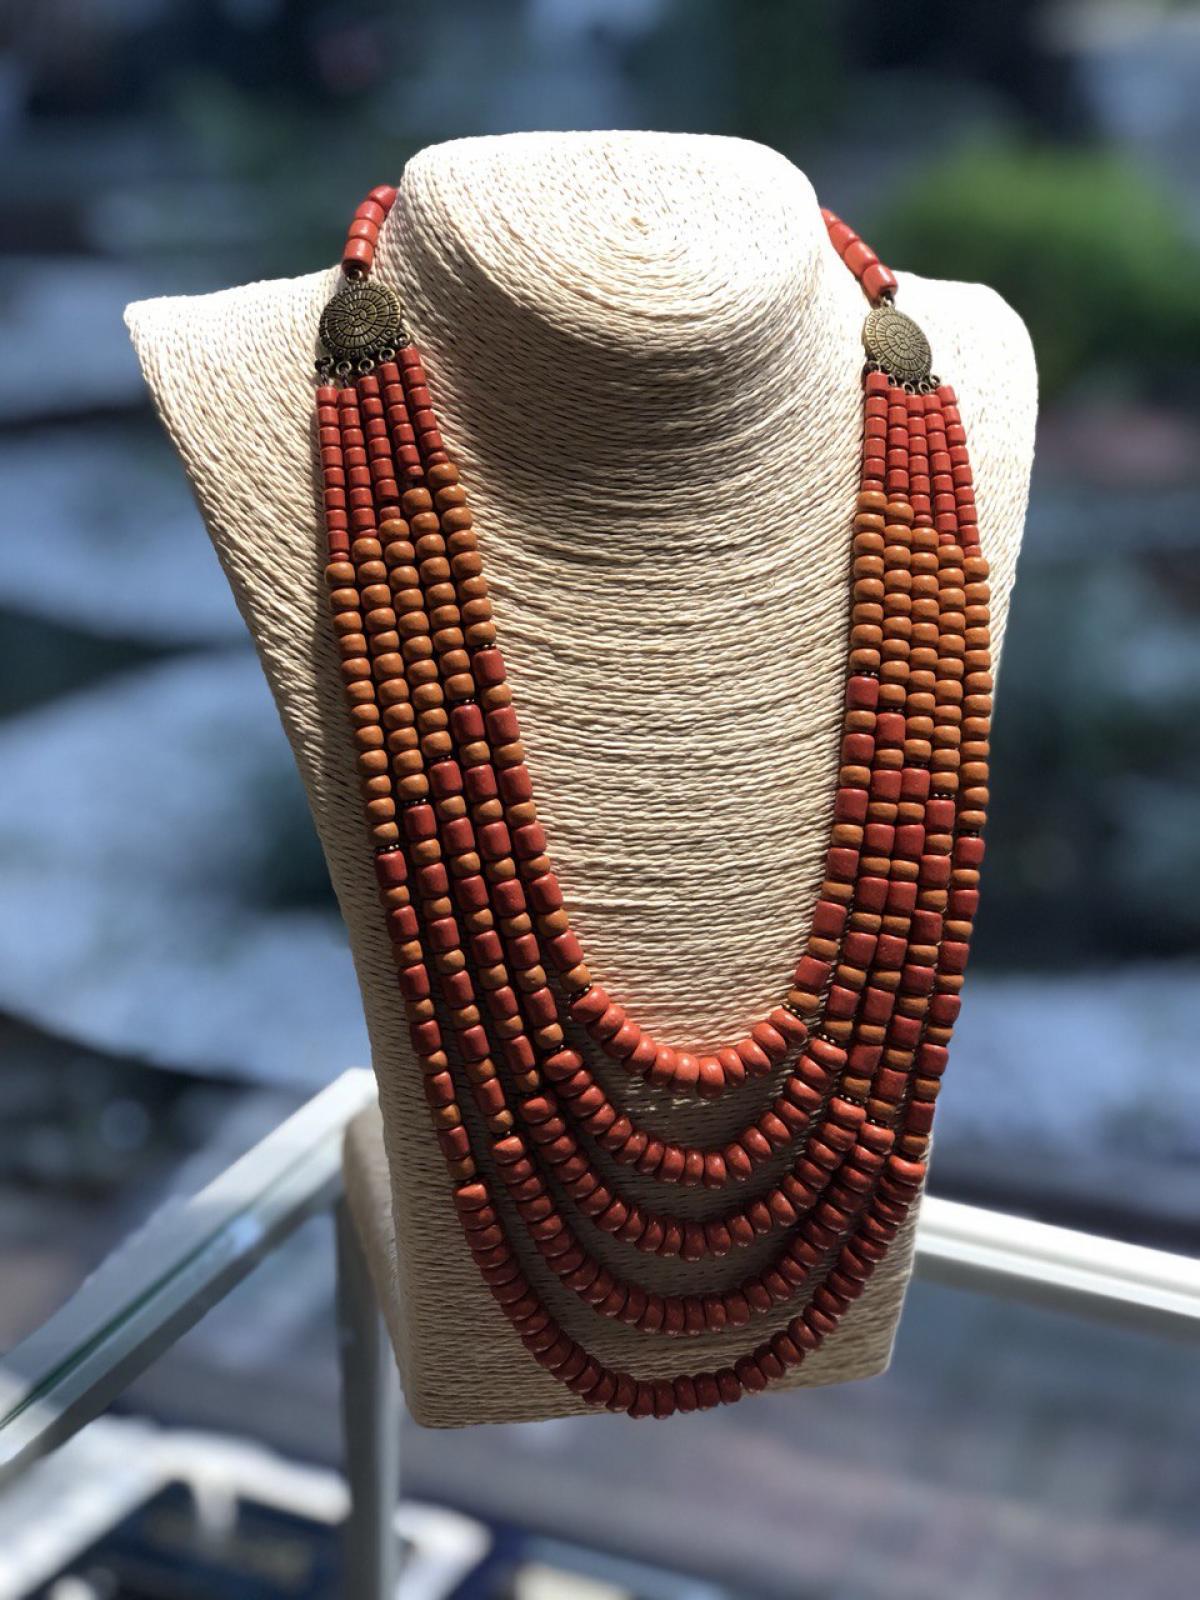 Ожерелье керамическое, 5 рядов,. Фото №2. | Народный дом Украина